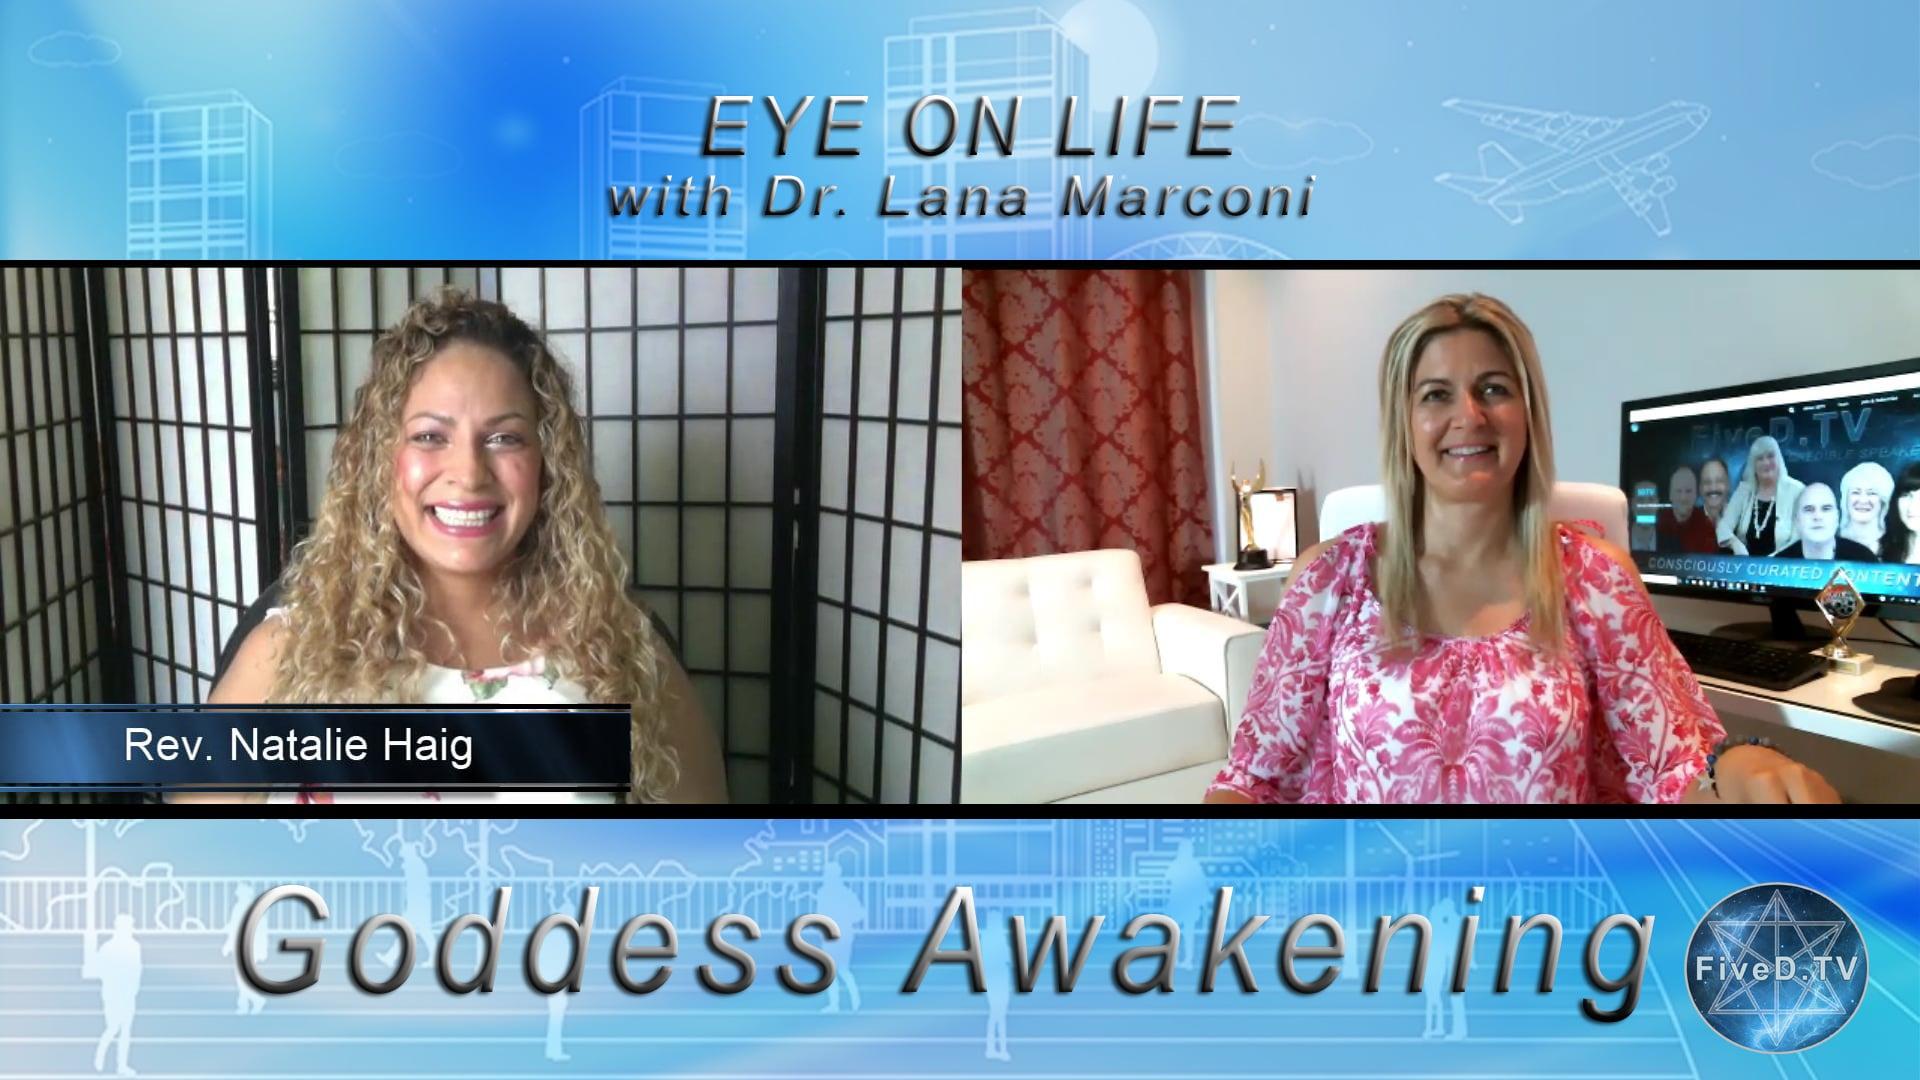 Eye On Life: Goddess Awakening